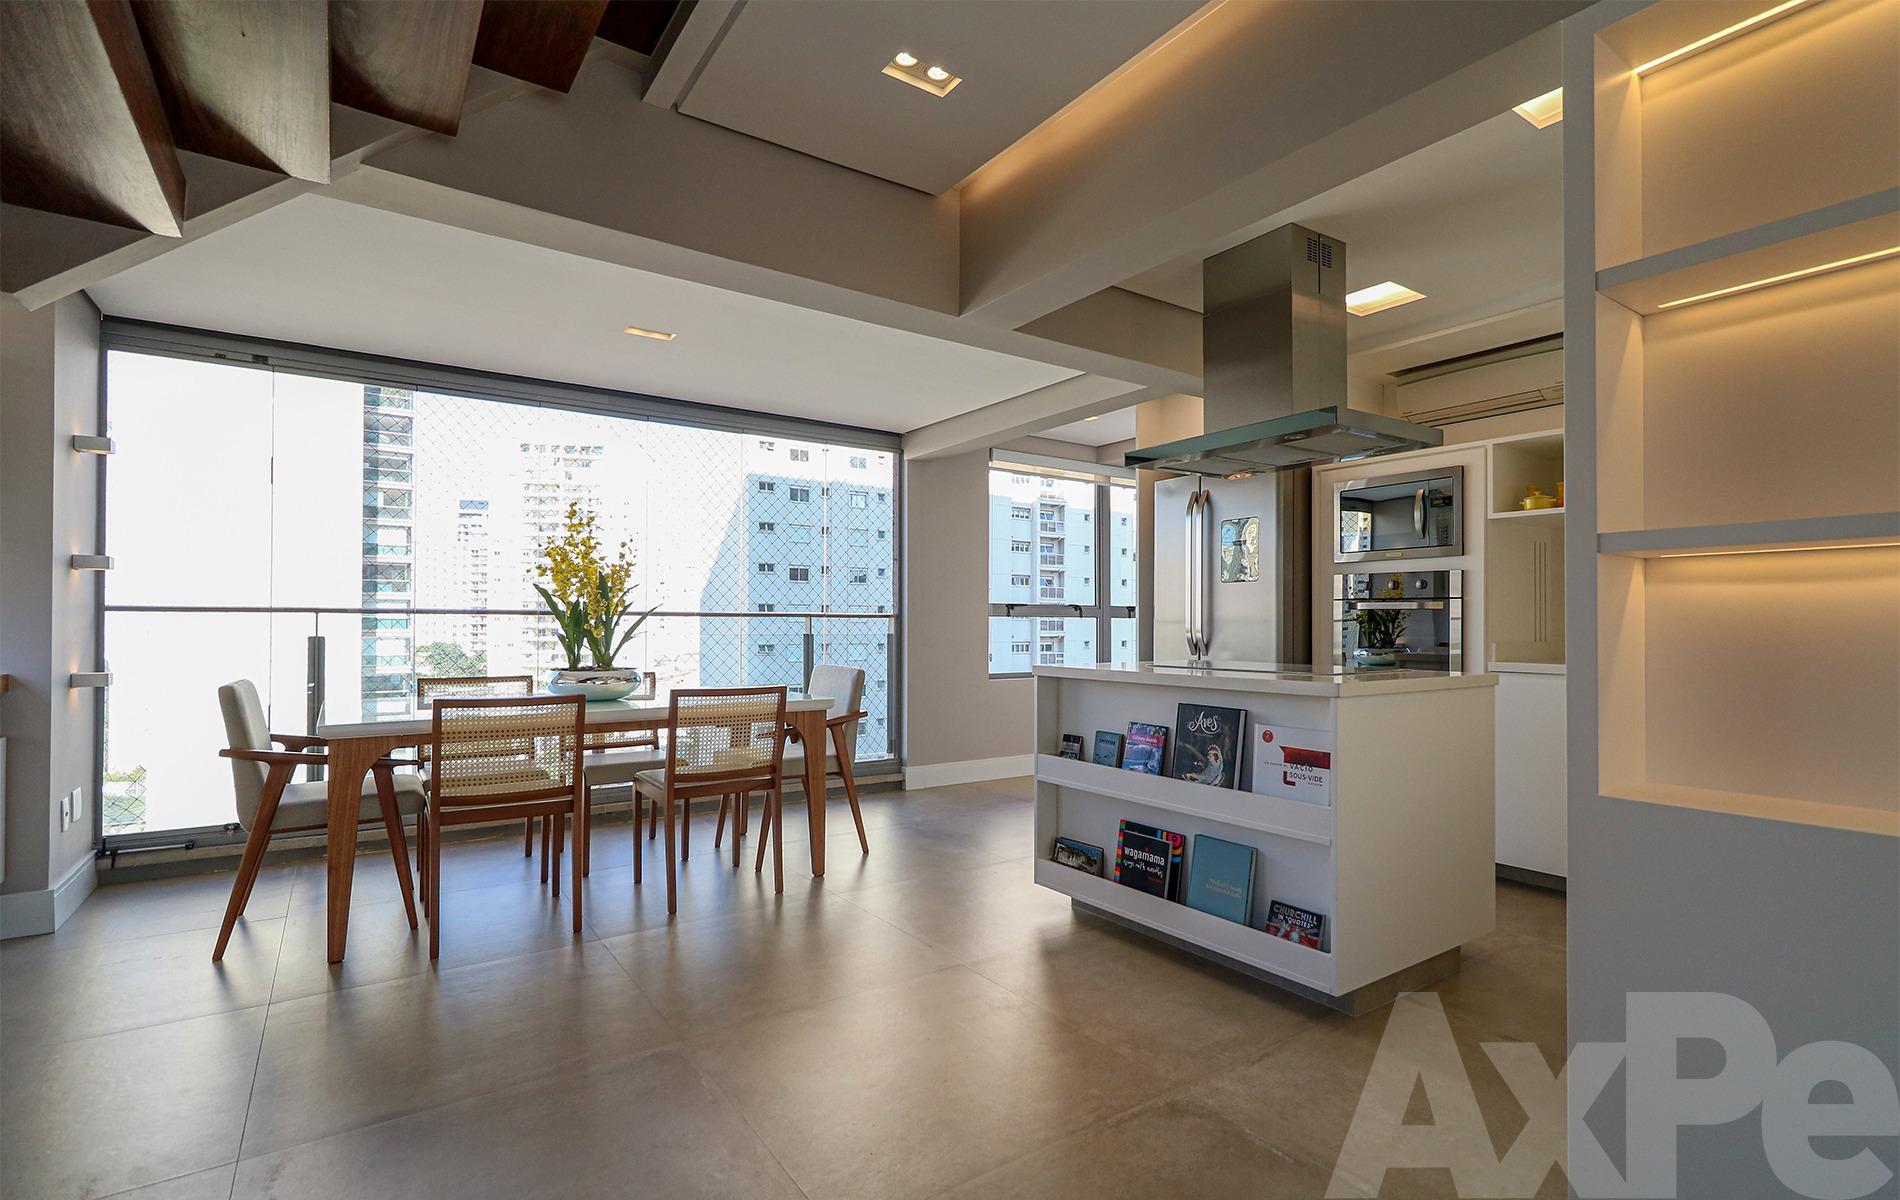 Axpe Apartamento - AX141311